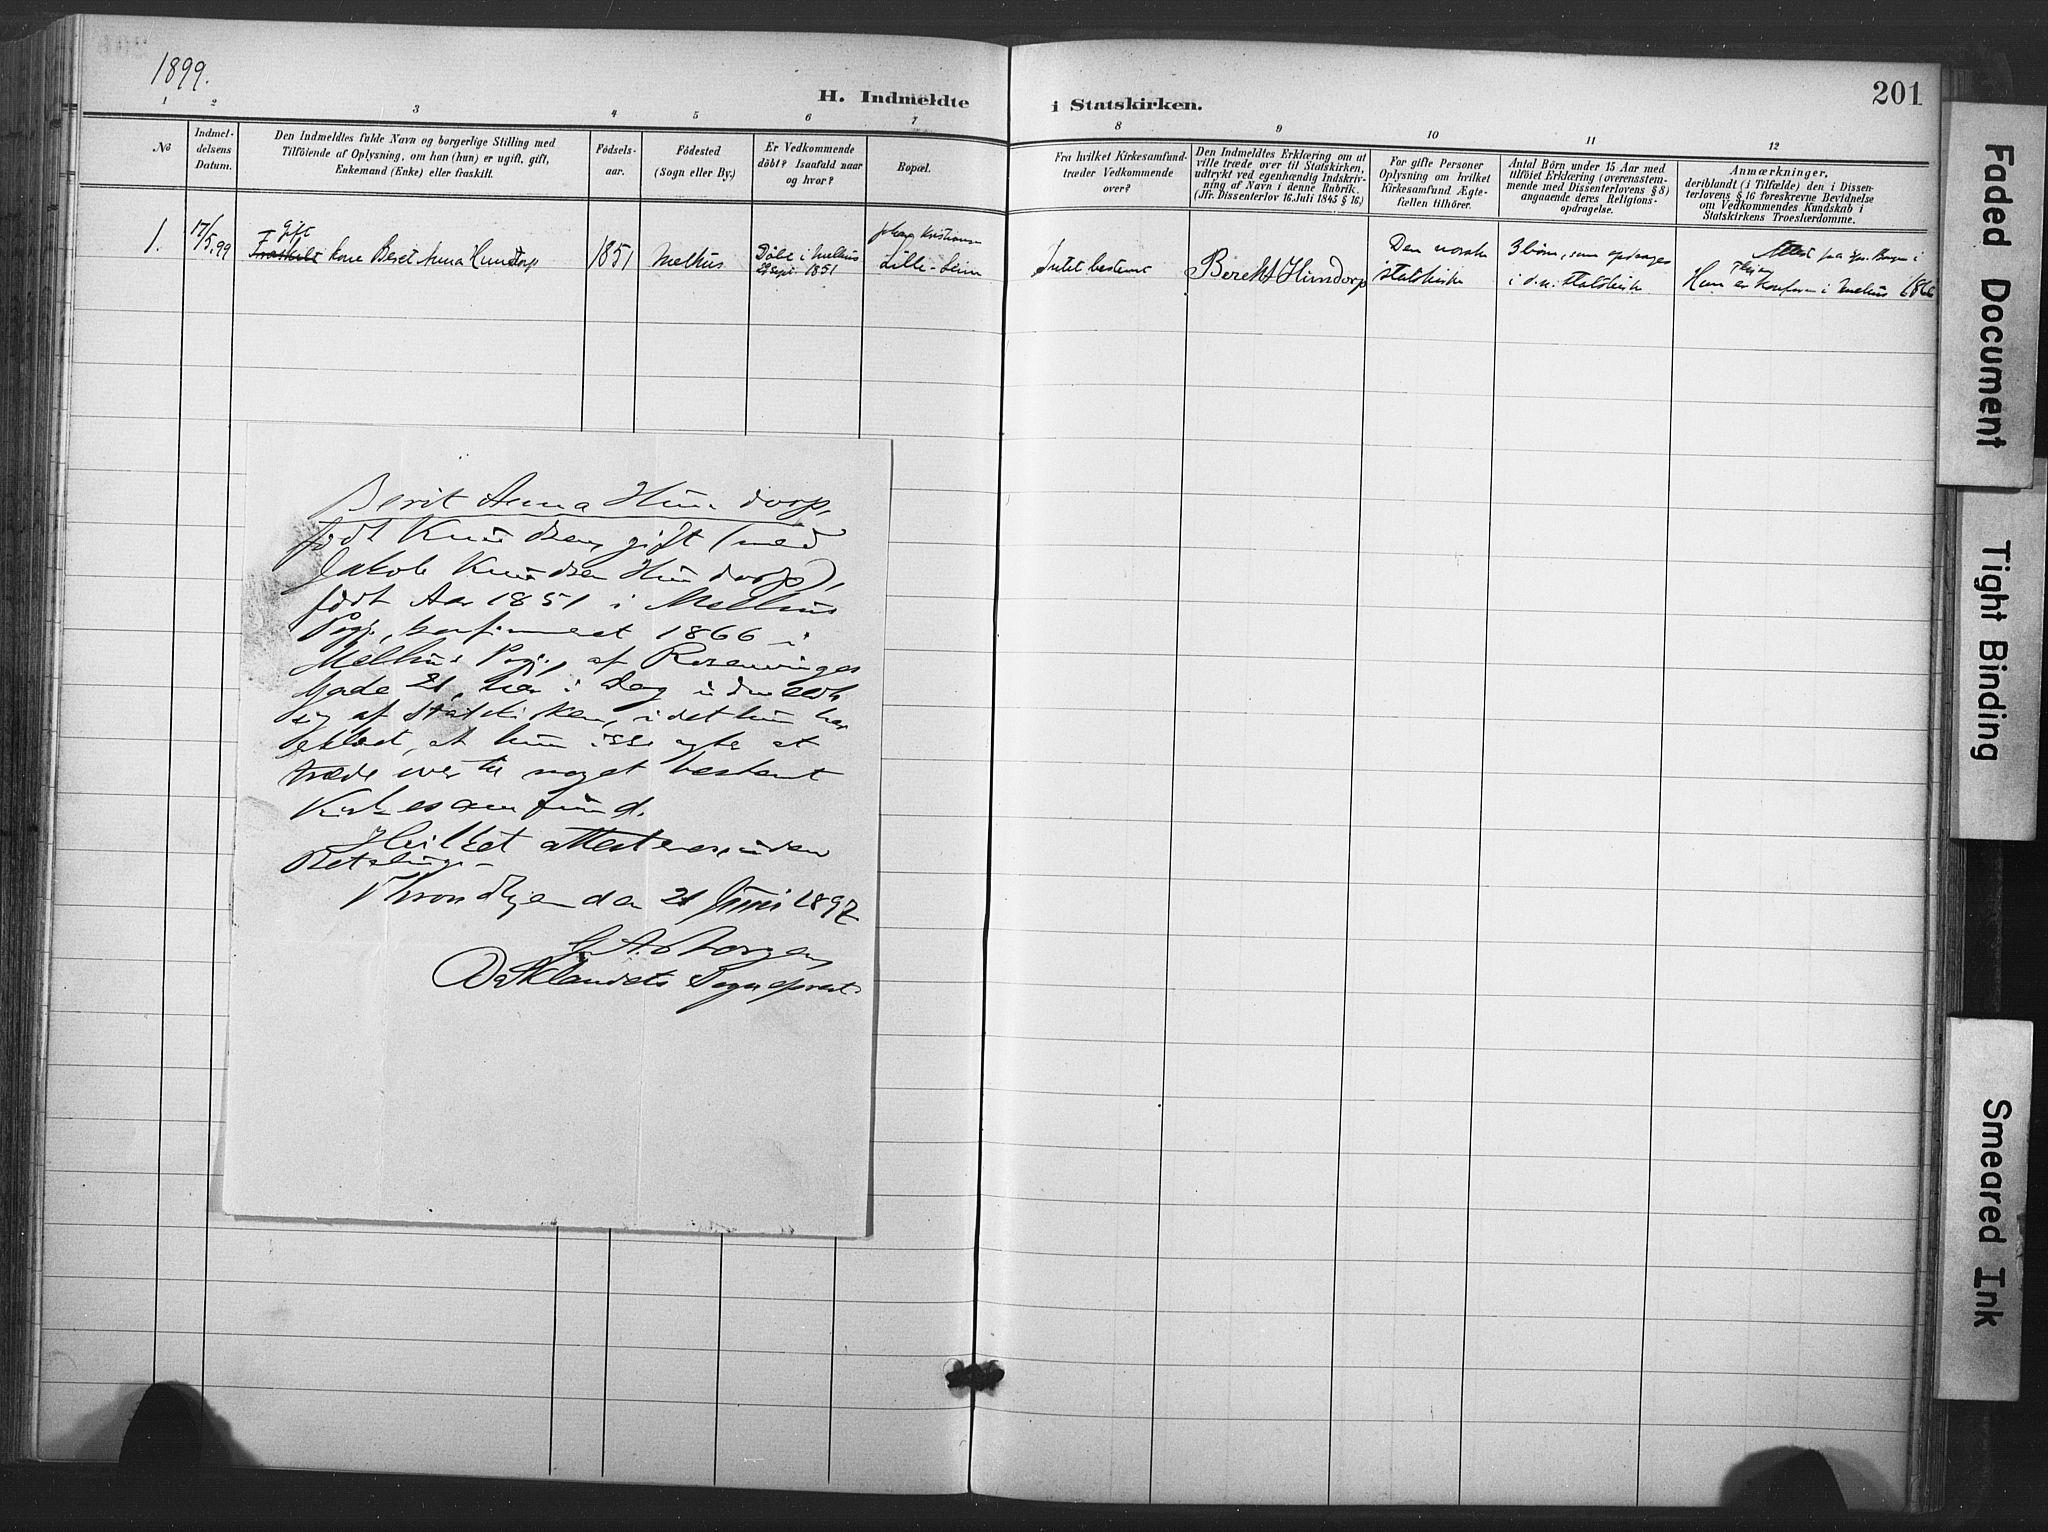 SAT, Ministerialprotokoller, klokkerbøker og fødselsregistre - Nord-Trøndelag, 713/L0122: Ministerialbok nr. 713A11, 1899-1910, s. 201